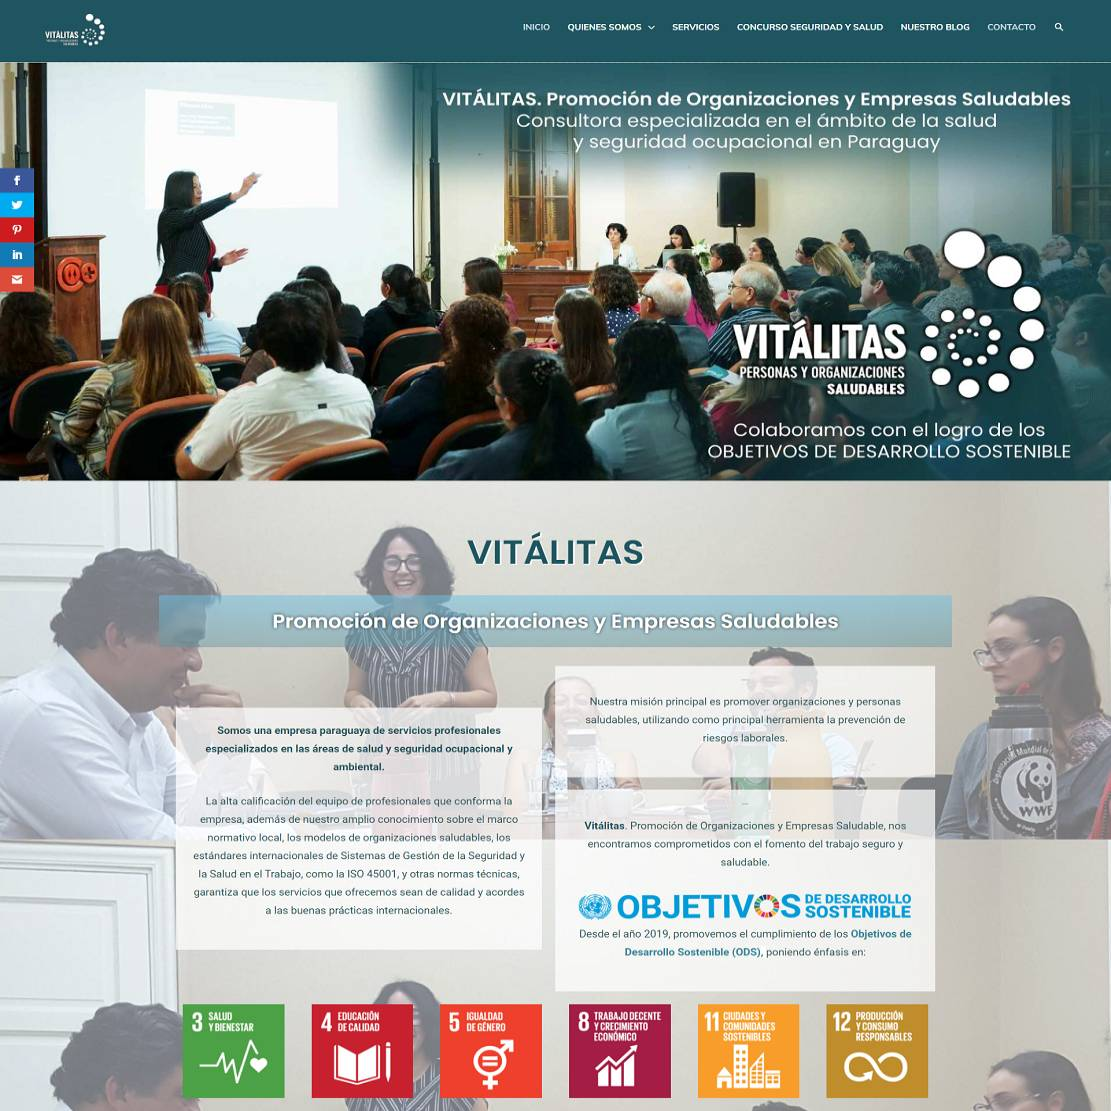 VITÁLITAS Promoción de organizaciones y personas saludables